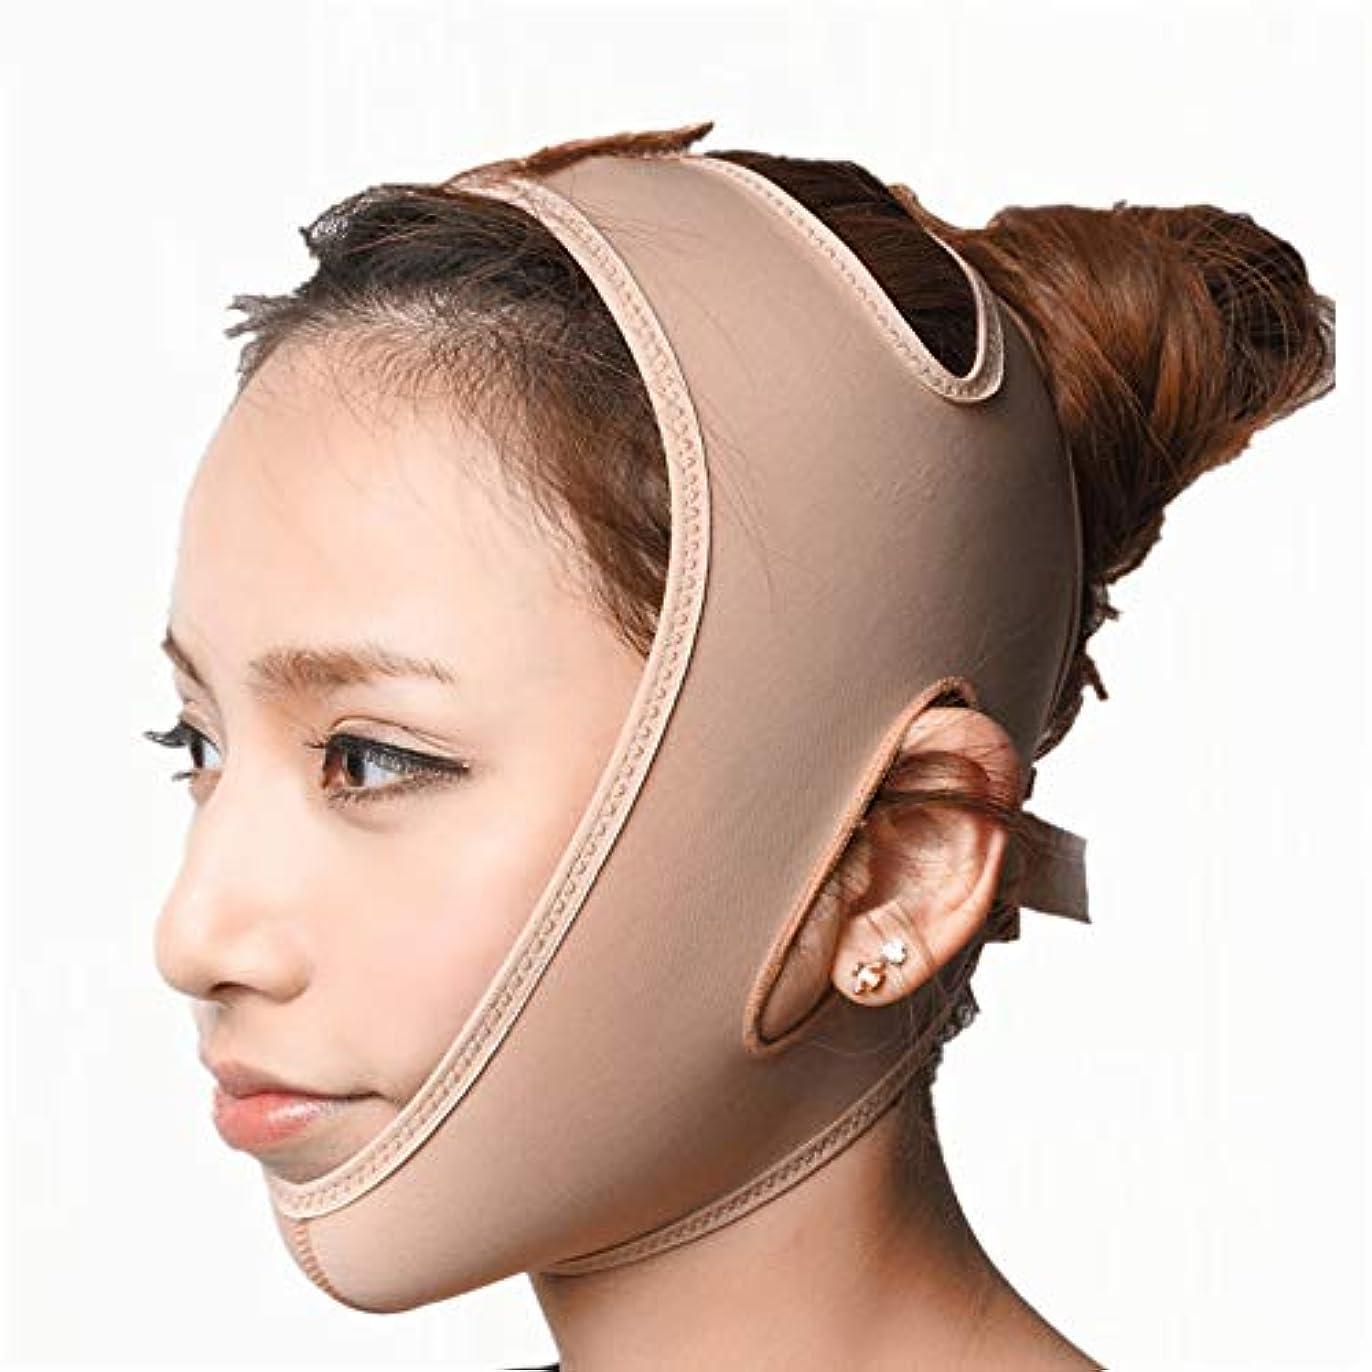 マイクロ答え広範囲Jia Jia- 顔の持ち上がる痩身ベルト - アンチエイジングリンクルフェイスマスクベルトシンフェイス包帯整形マスクは顔と首を締めますフェイススリム 顔面包帯 (サイズ さいず : M)